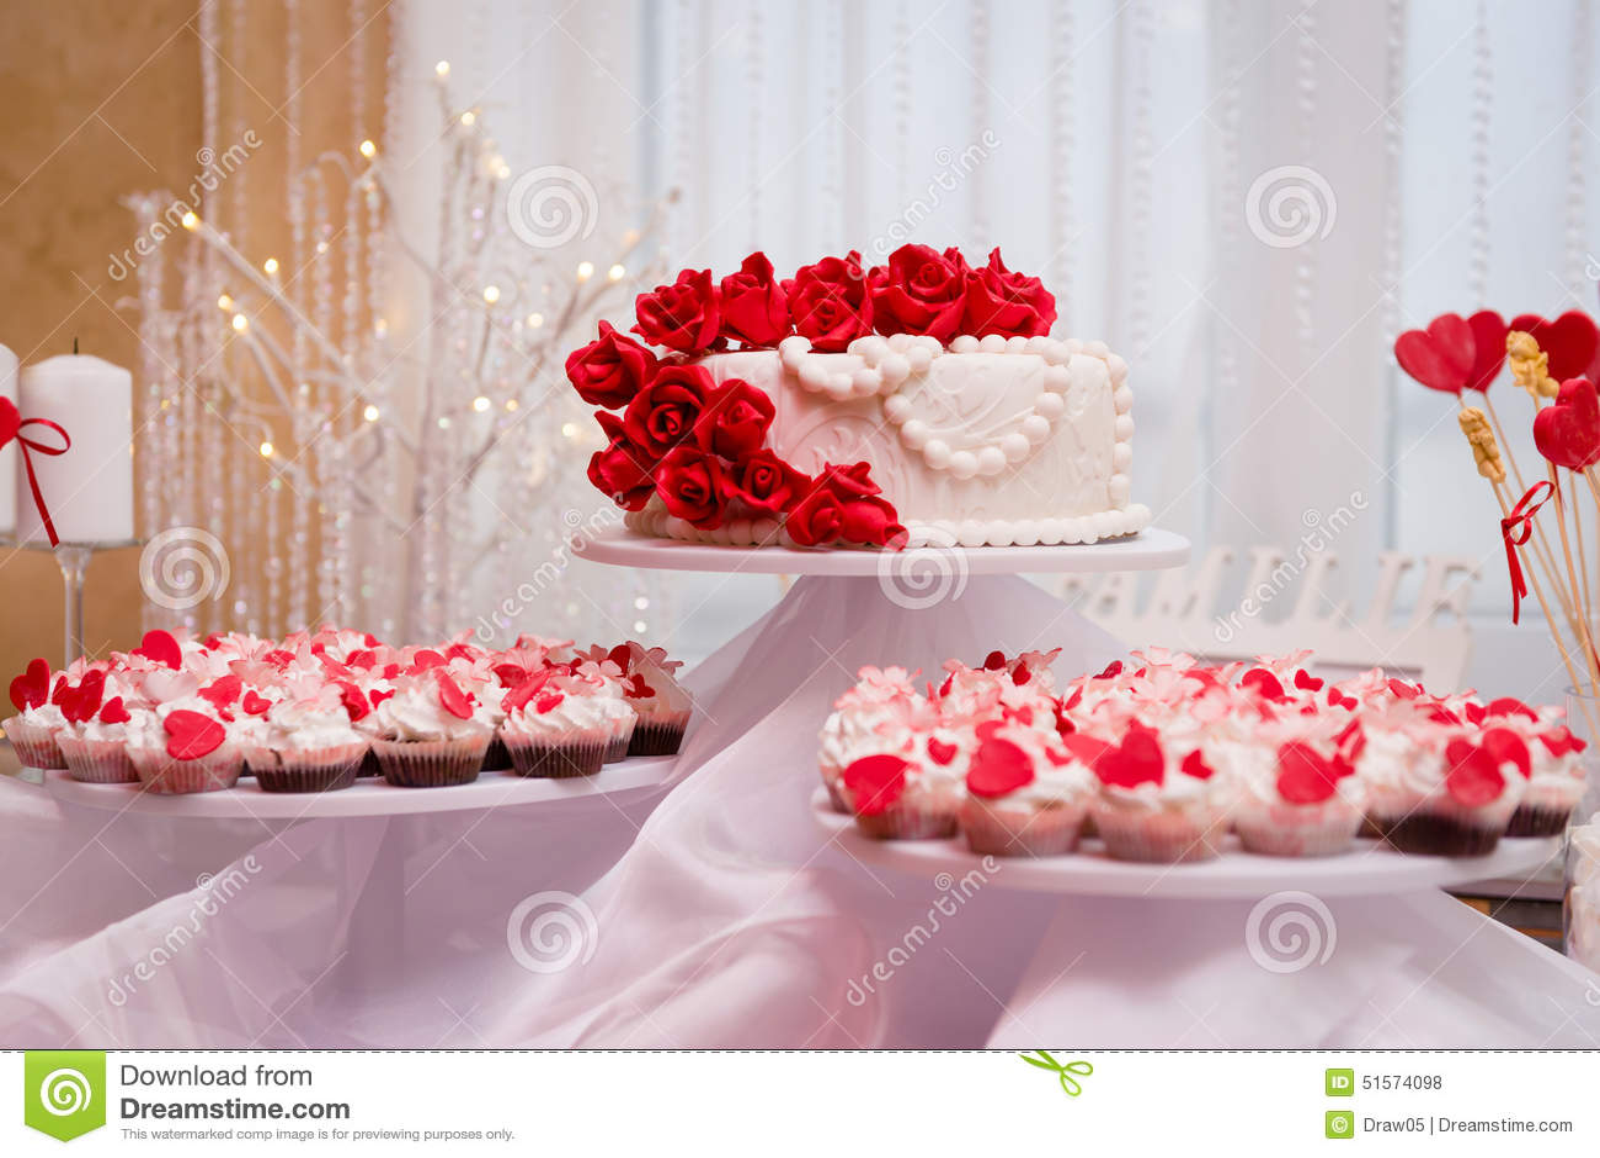 Hochzeitstorte Und Kleine Kuchen In Der Dekoration Stockfoto Bild